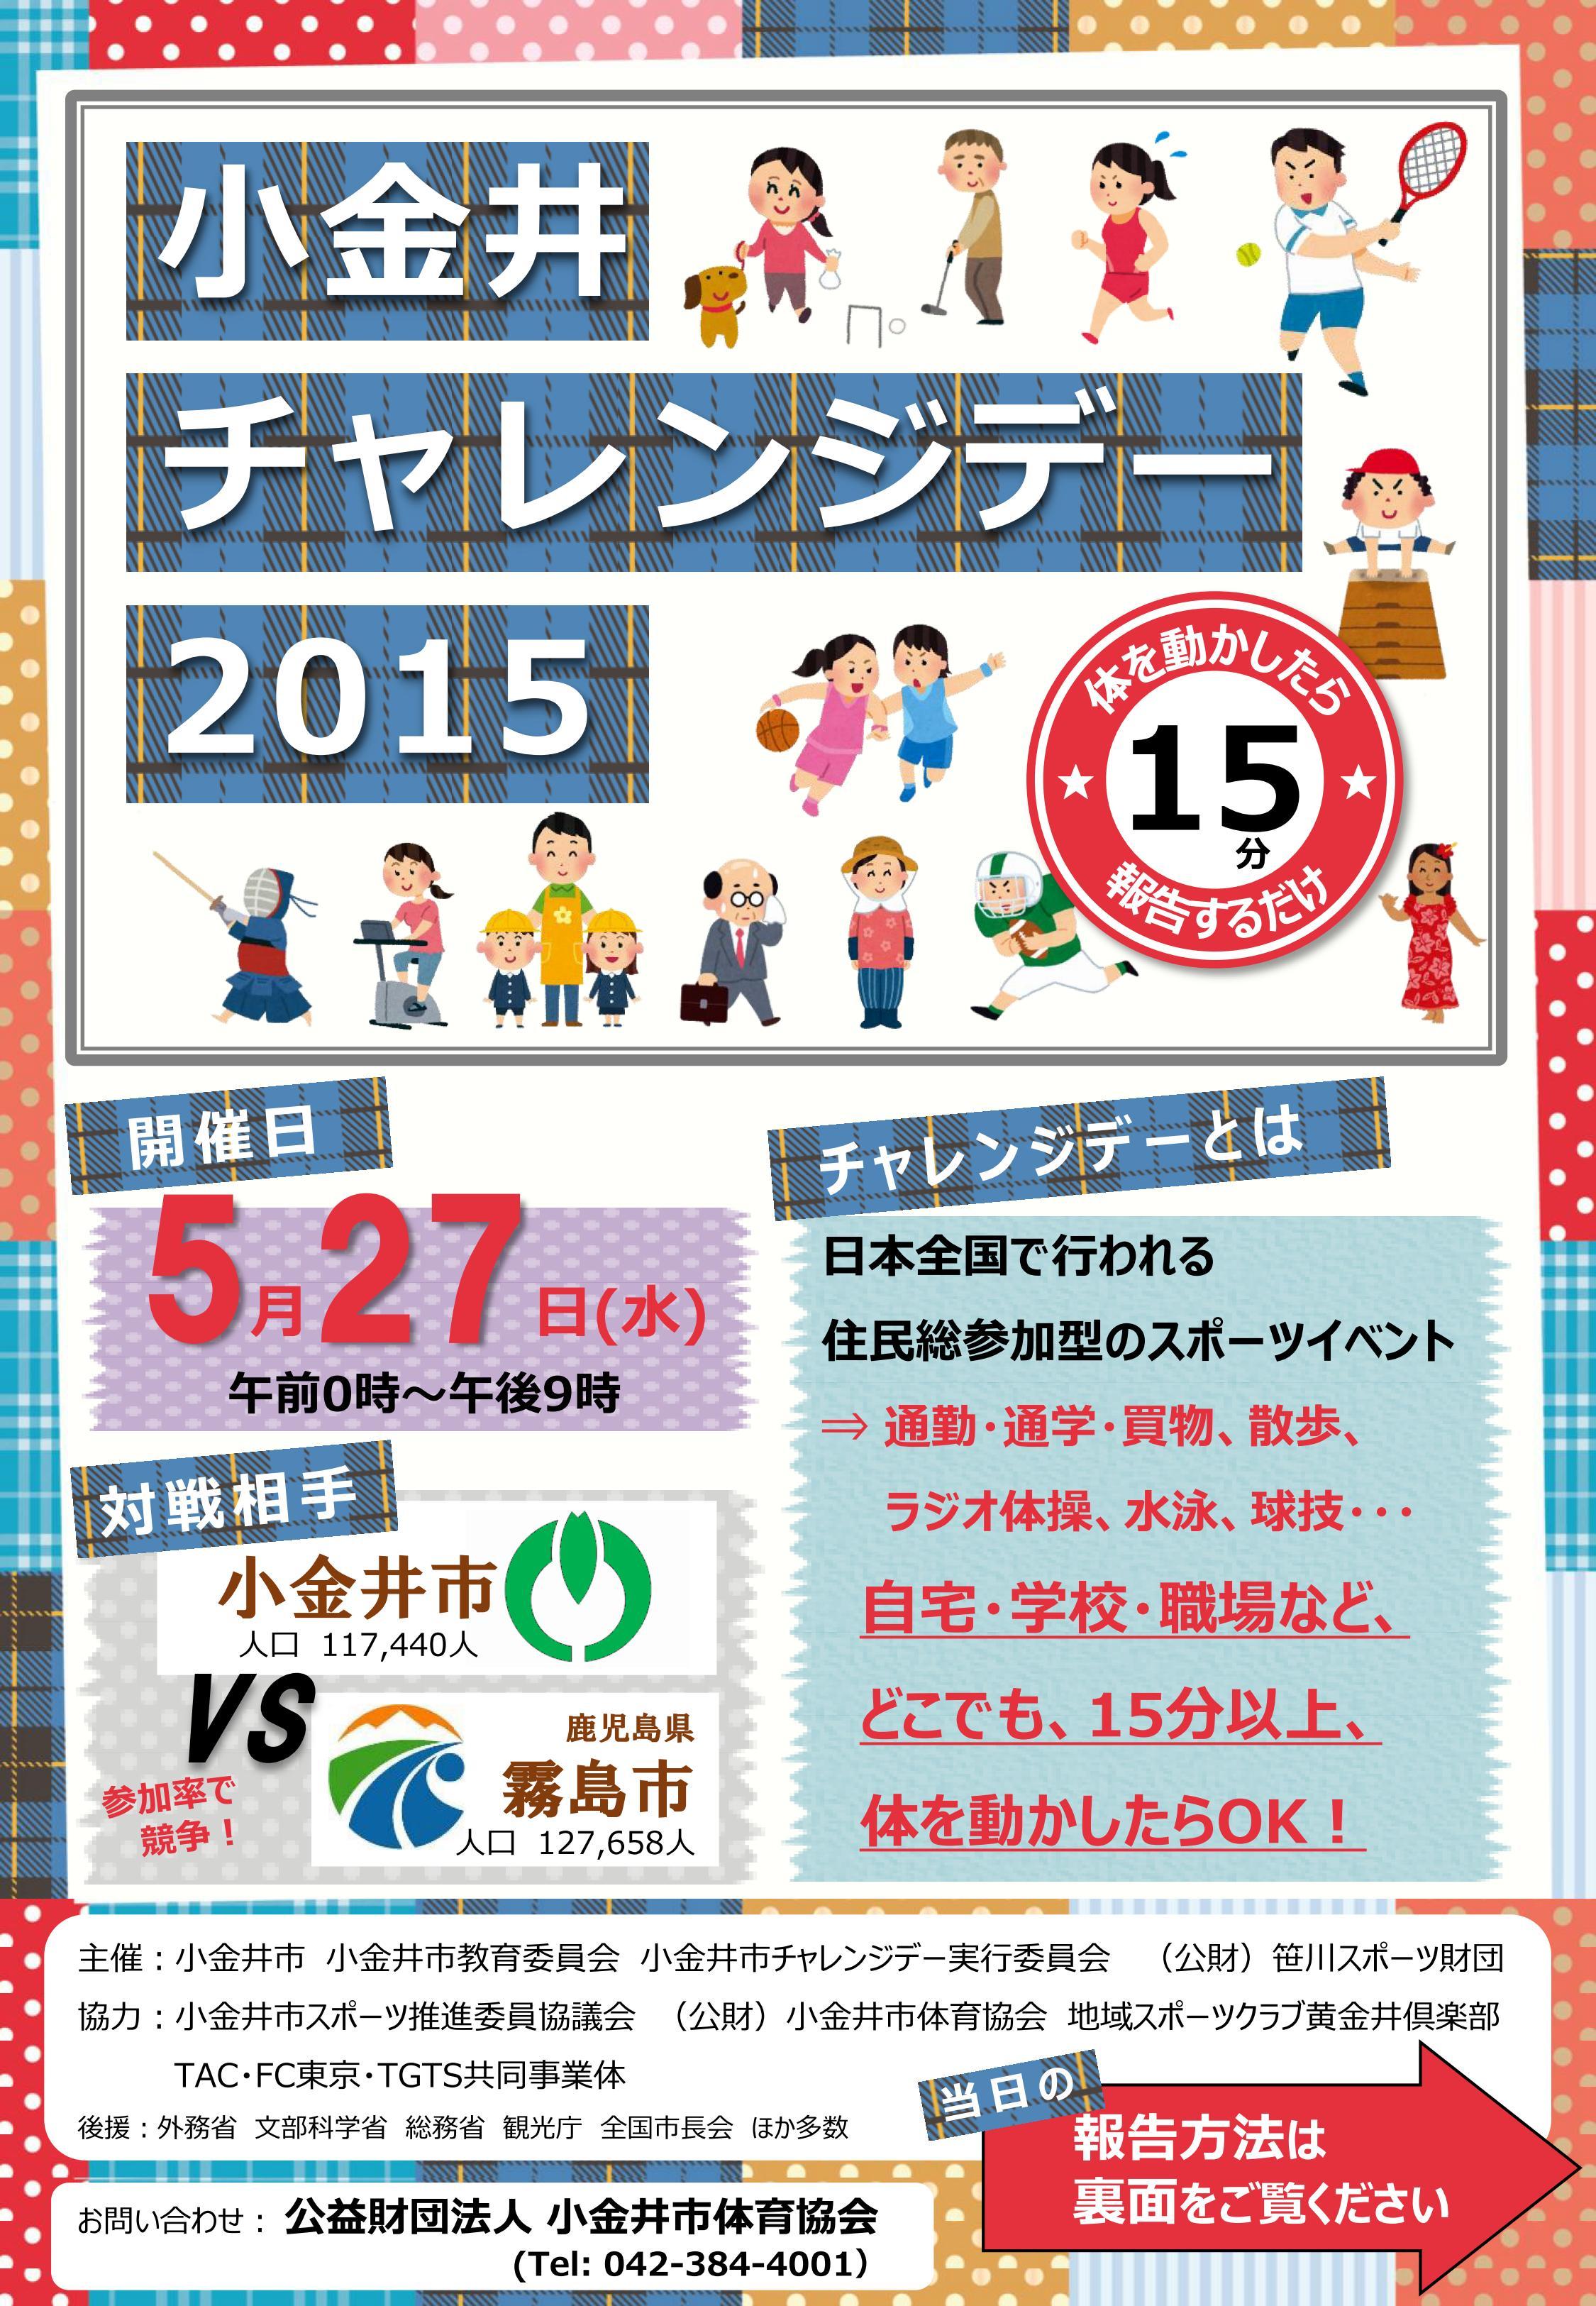 challengeDay_2015_01